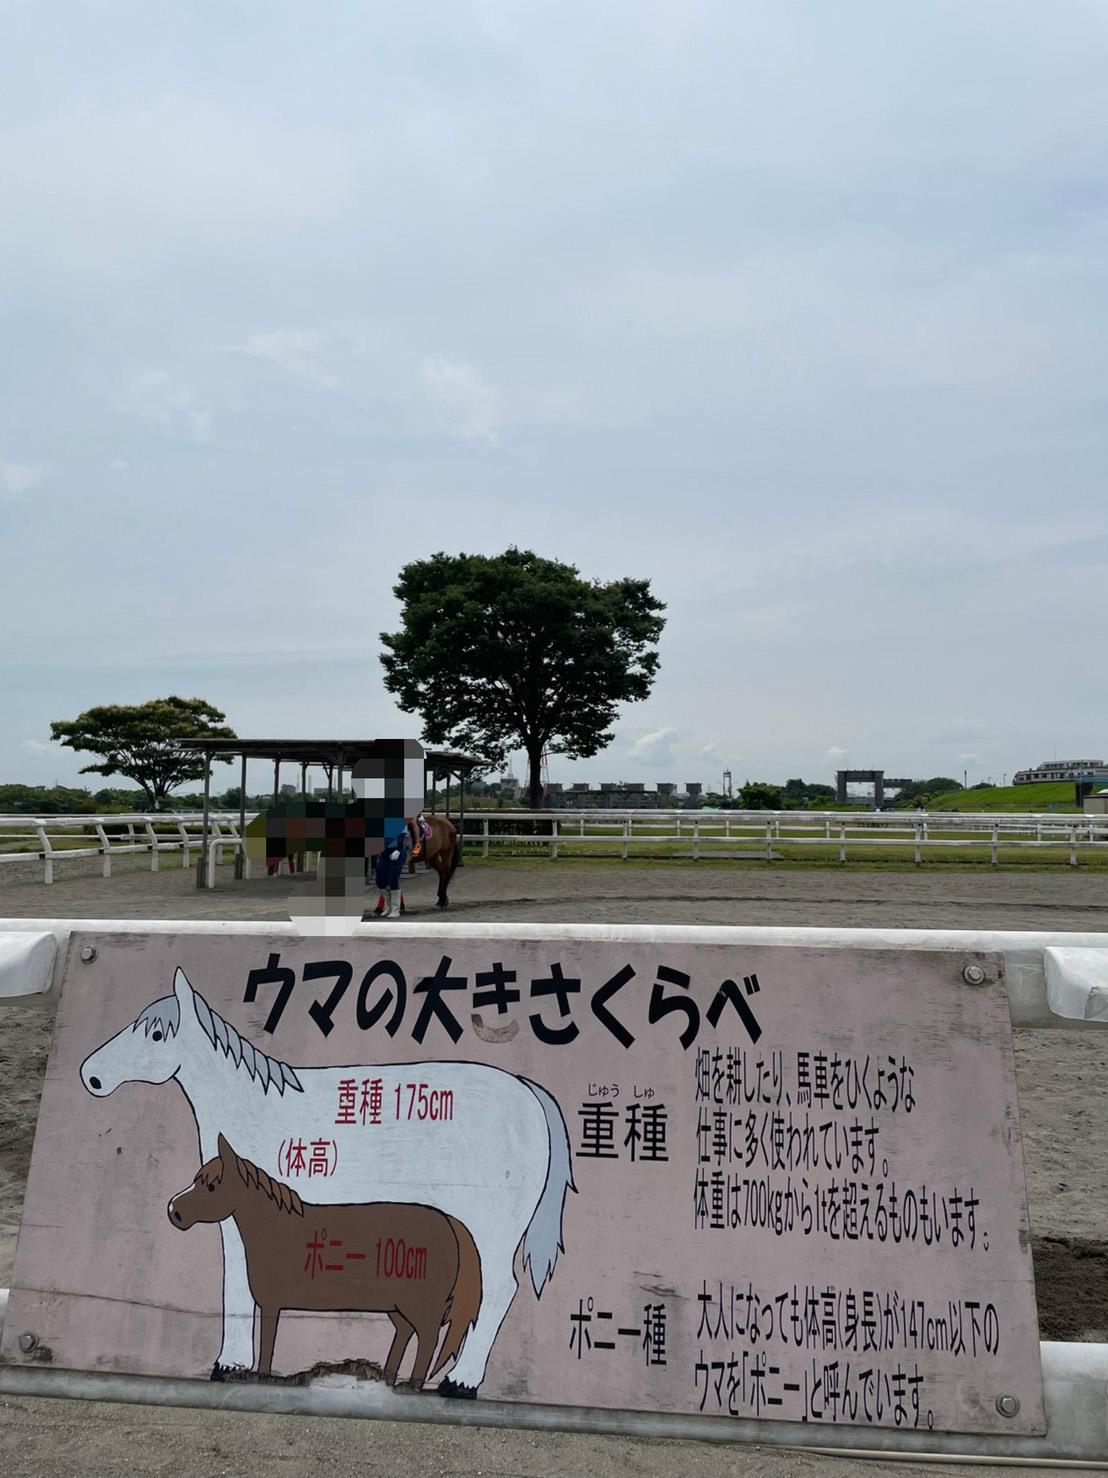 馬とポニーの比較についての案内看板写真